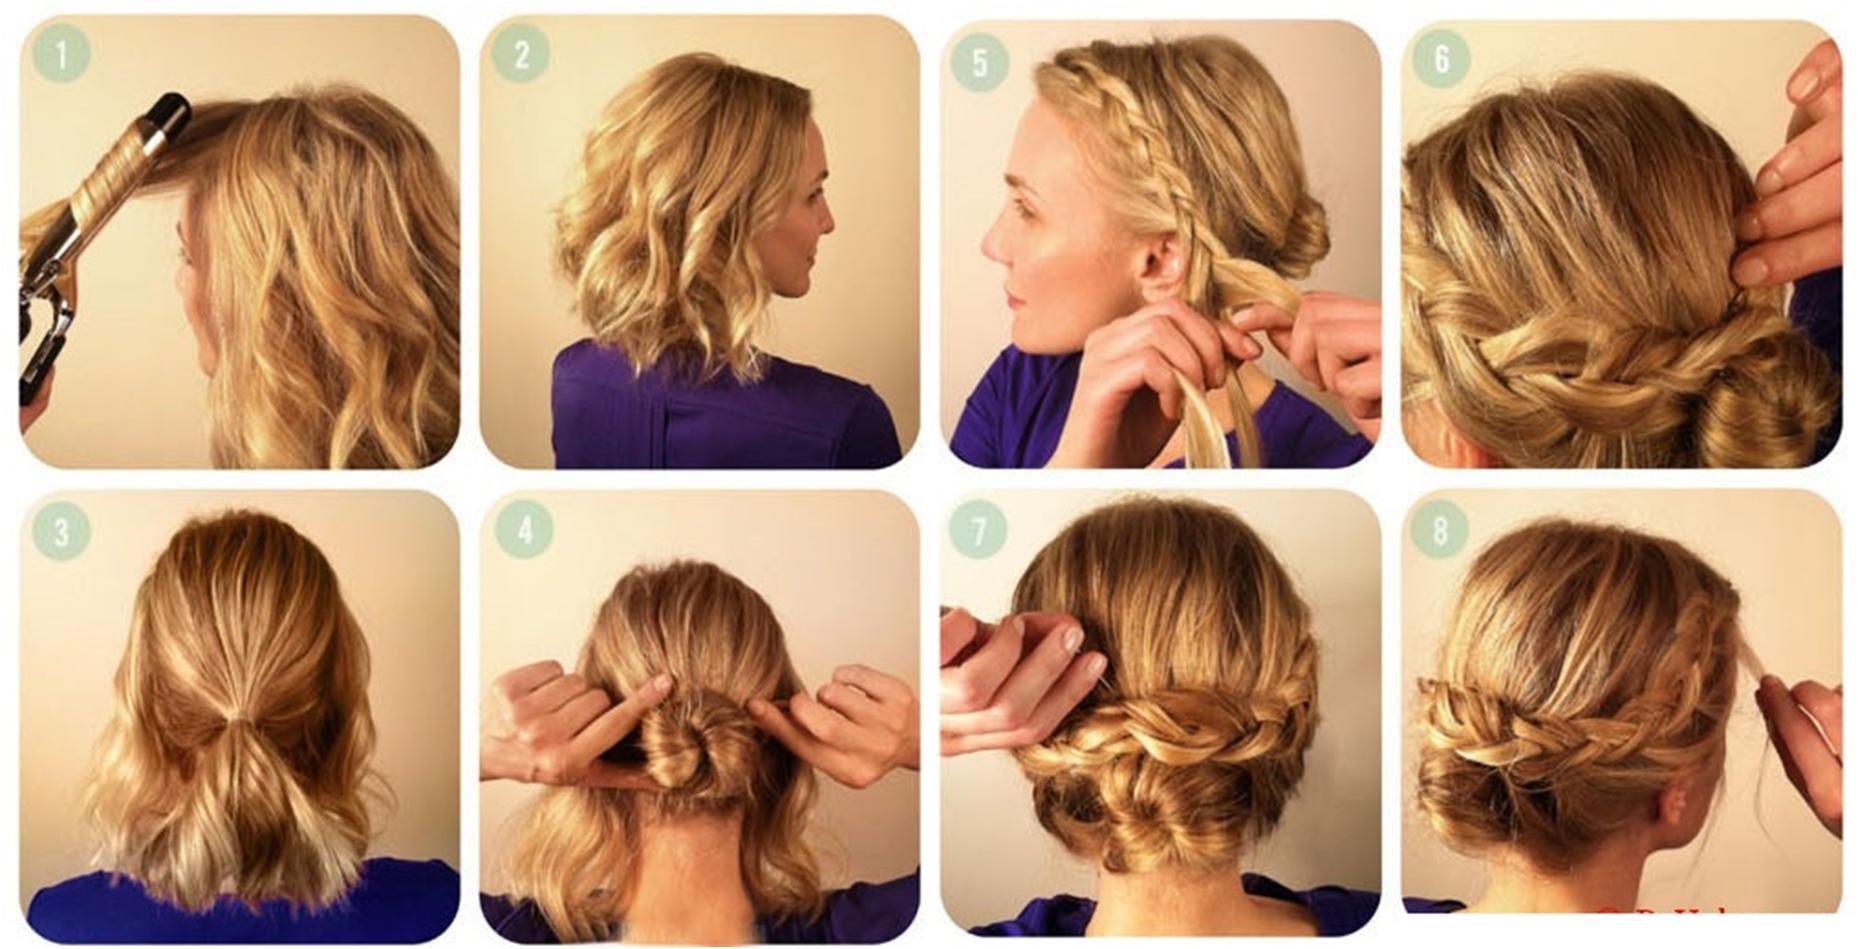 Вечерние прическа как собирать короткие волосы6